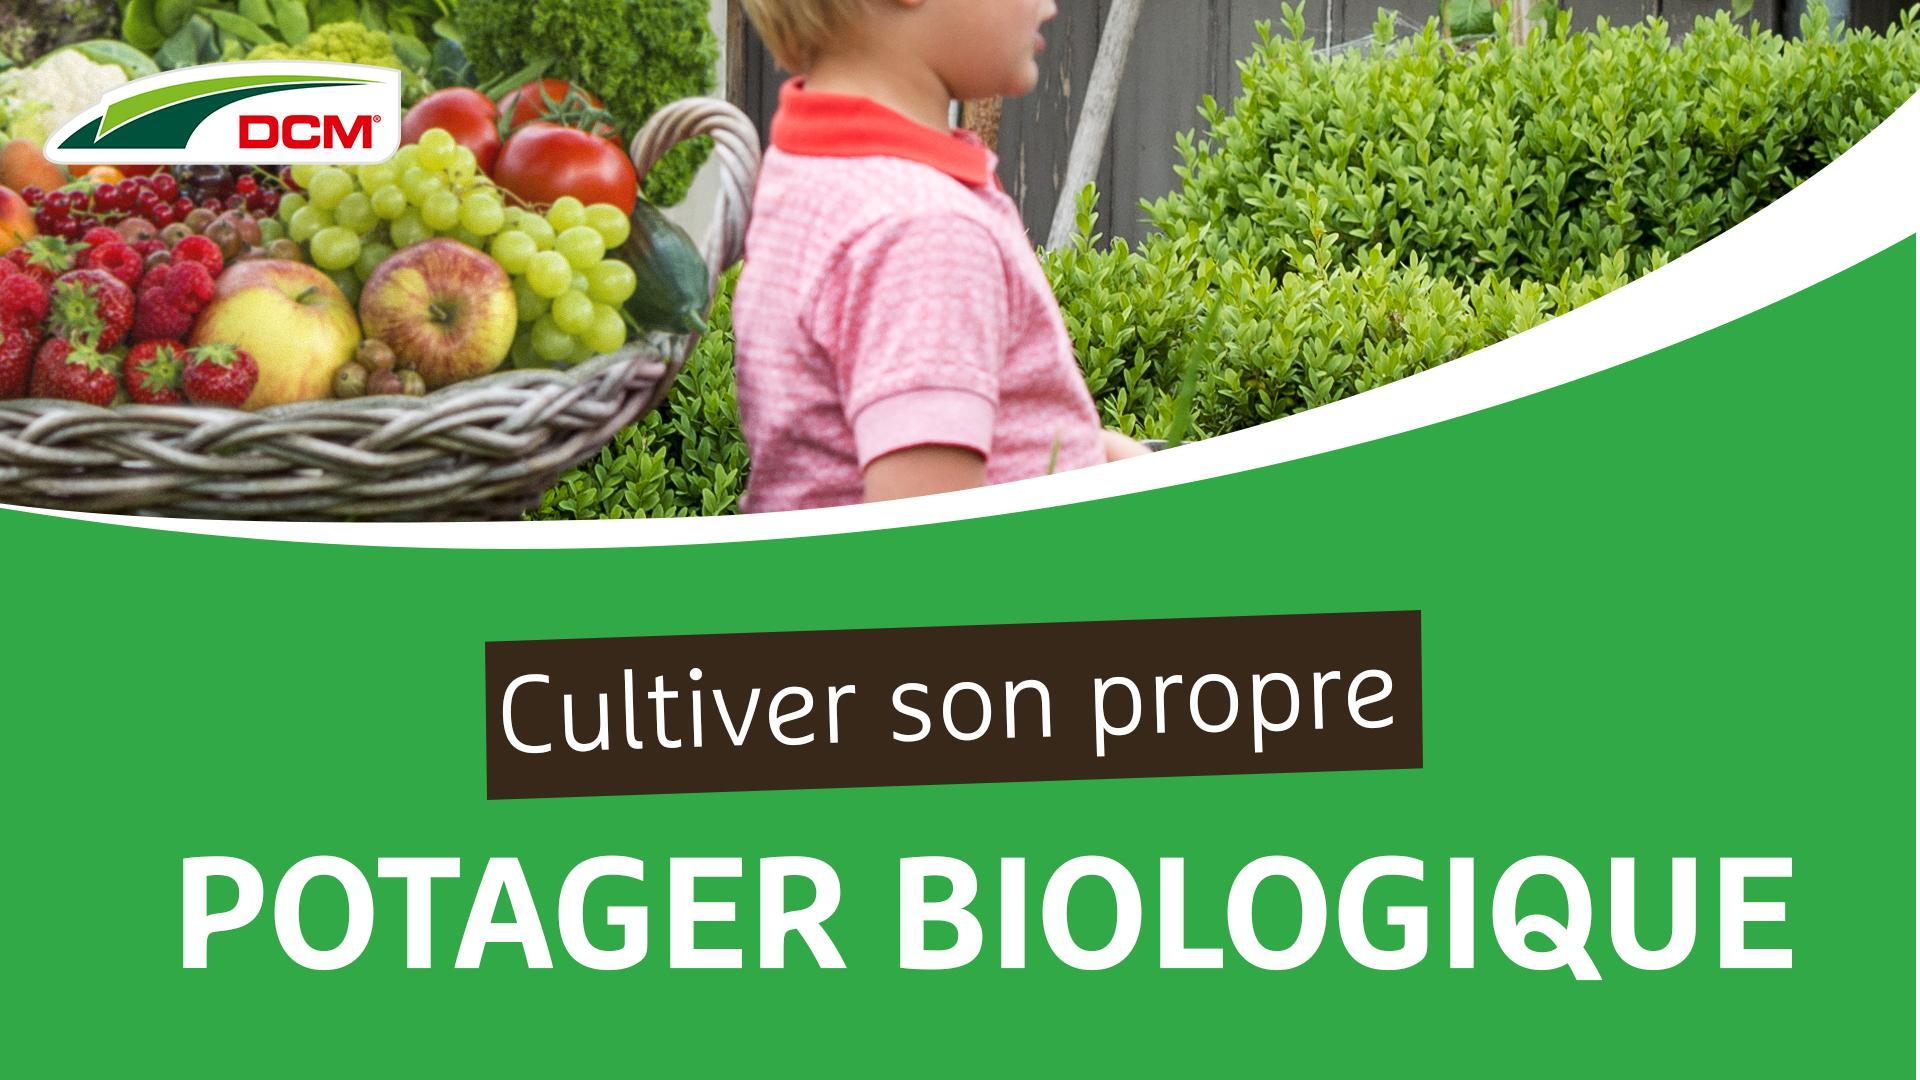 Cultiver son propre potager biologique - Engrais Légumes & Fruits DCM